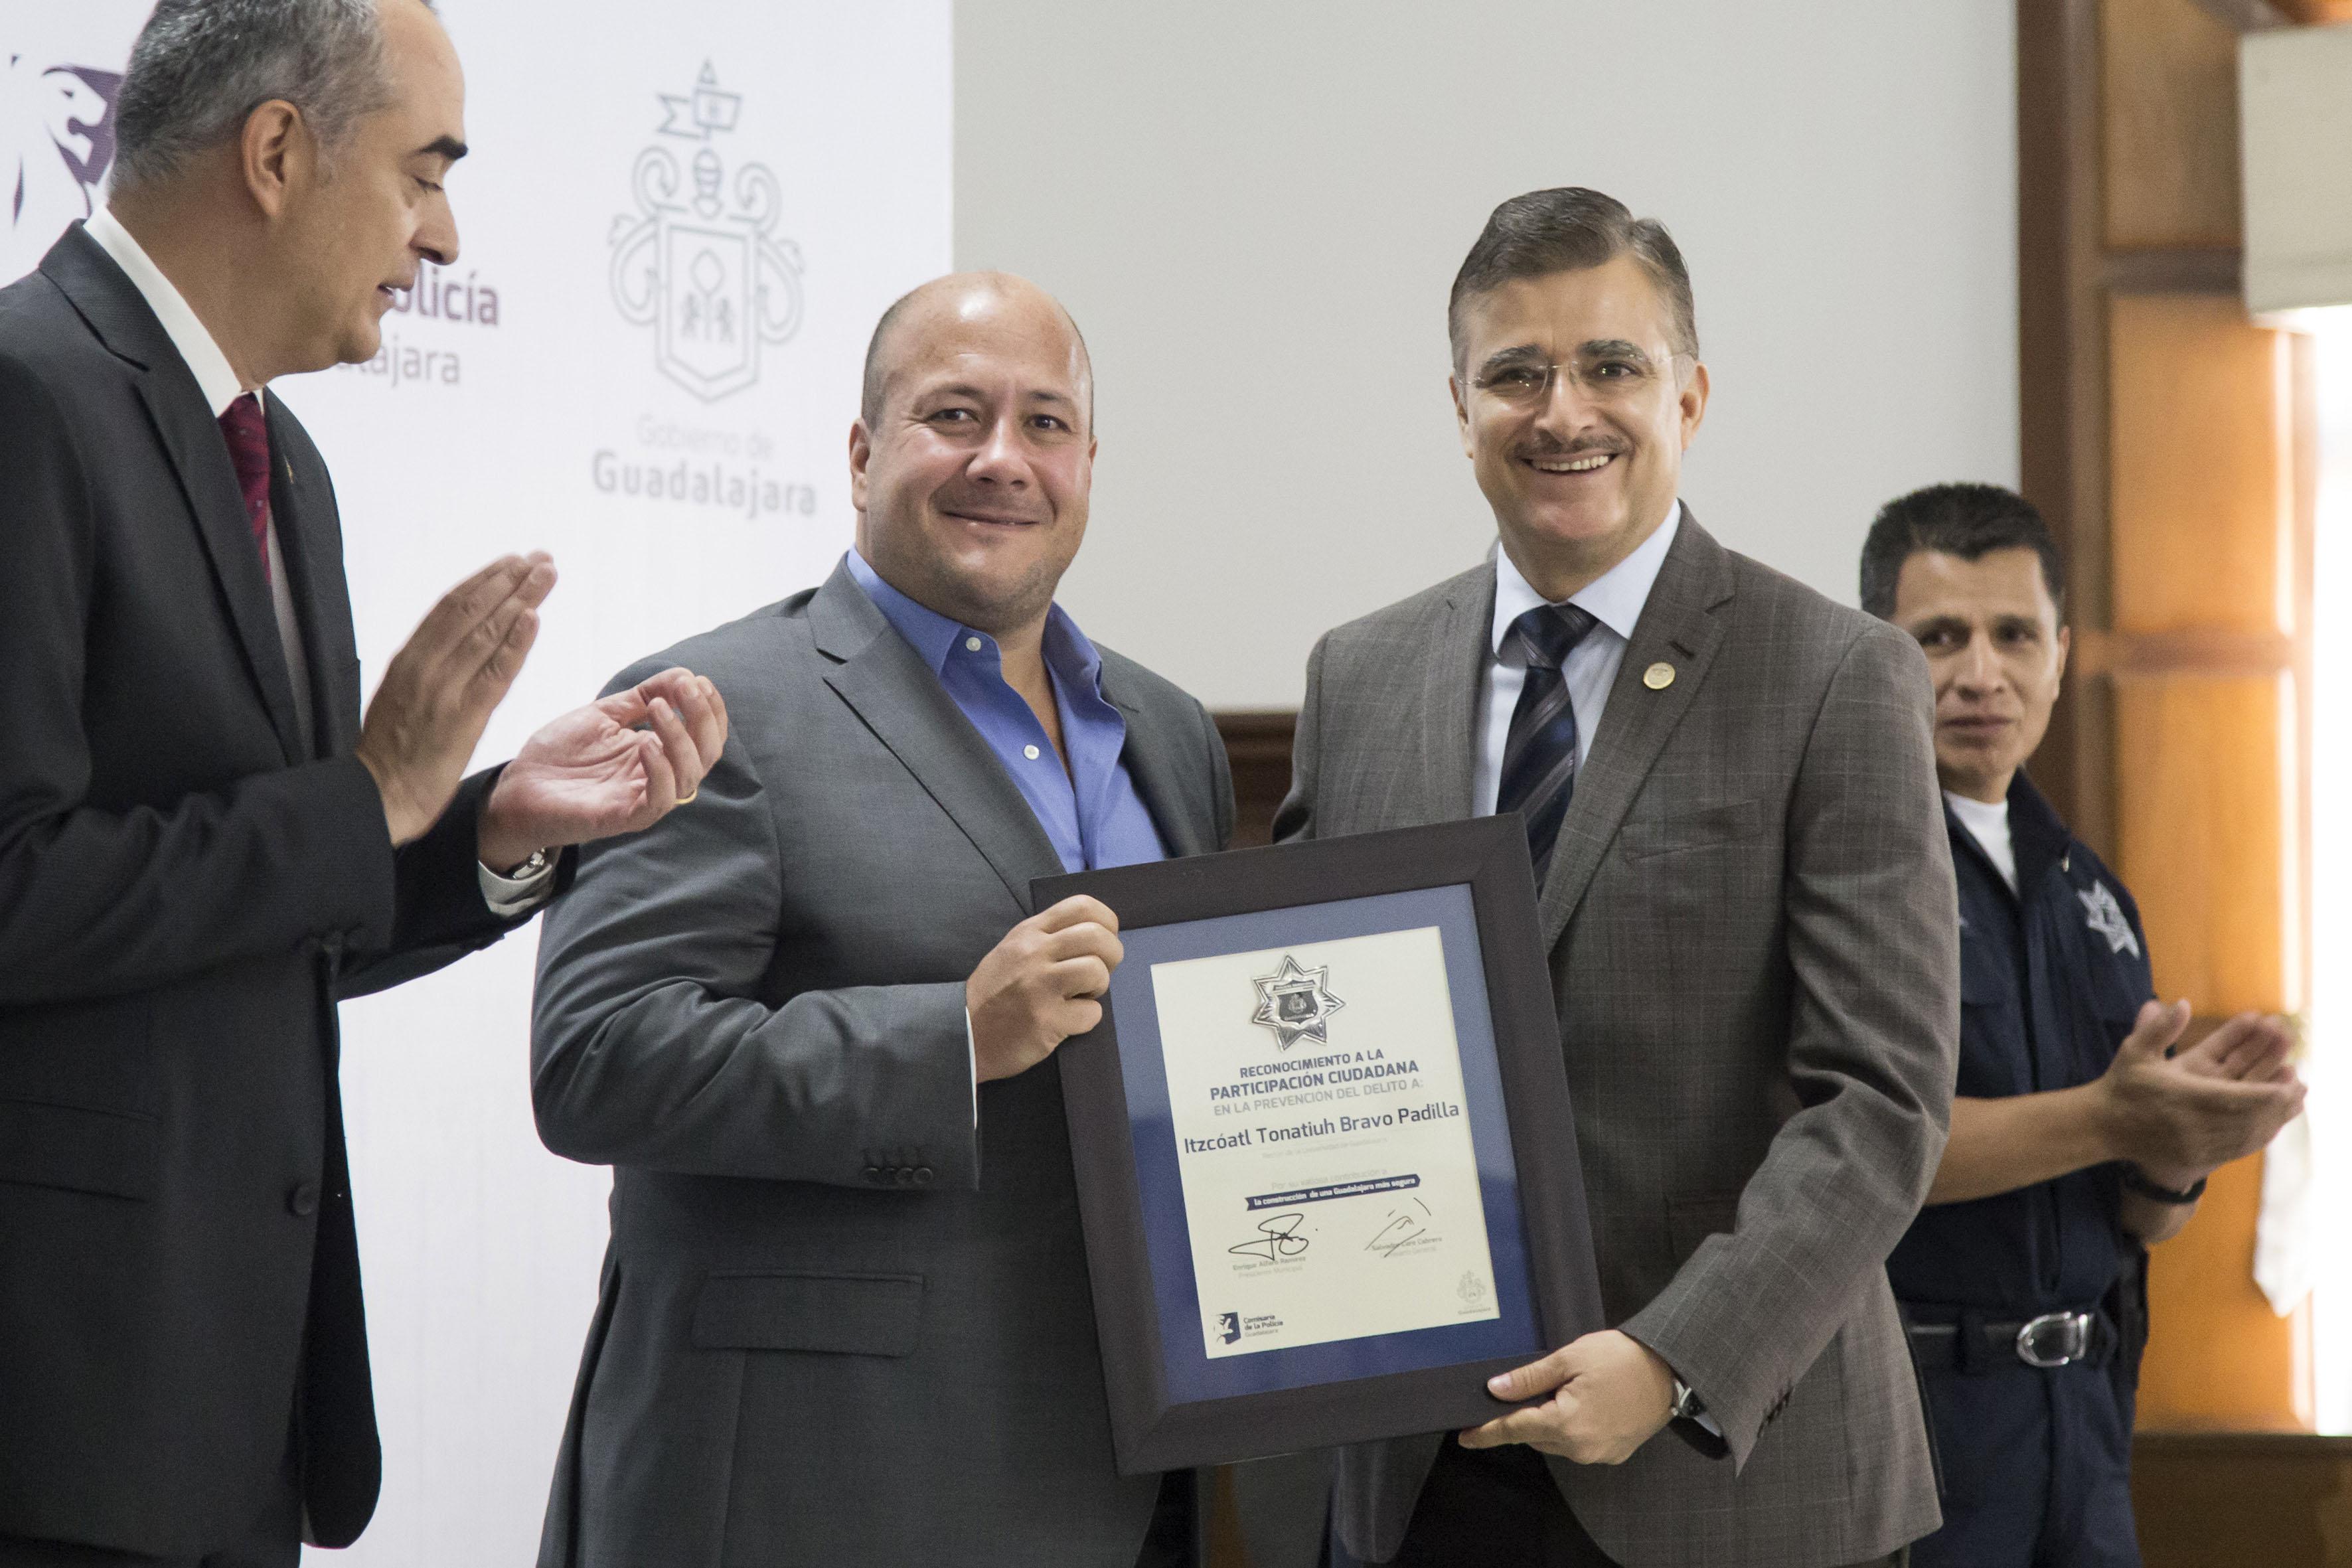 El Presidente Municipal de Guadalajara, maestro Enrique Alfaro Ramírez, entregando una placa de reconocimiento a la participación ciudadana para la prevención del delito al Rector General de la Universidad de Guadalajara, maestro Itzcóatl Tonatiuh Bravo Padilla.